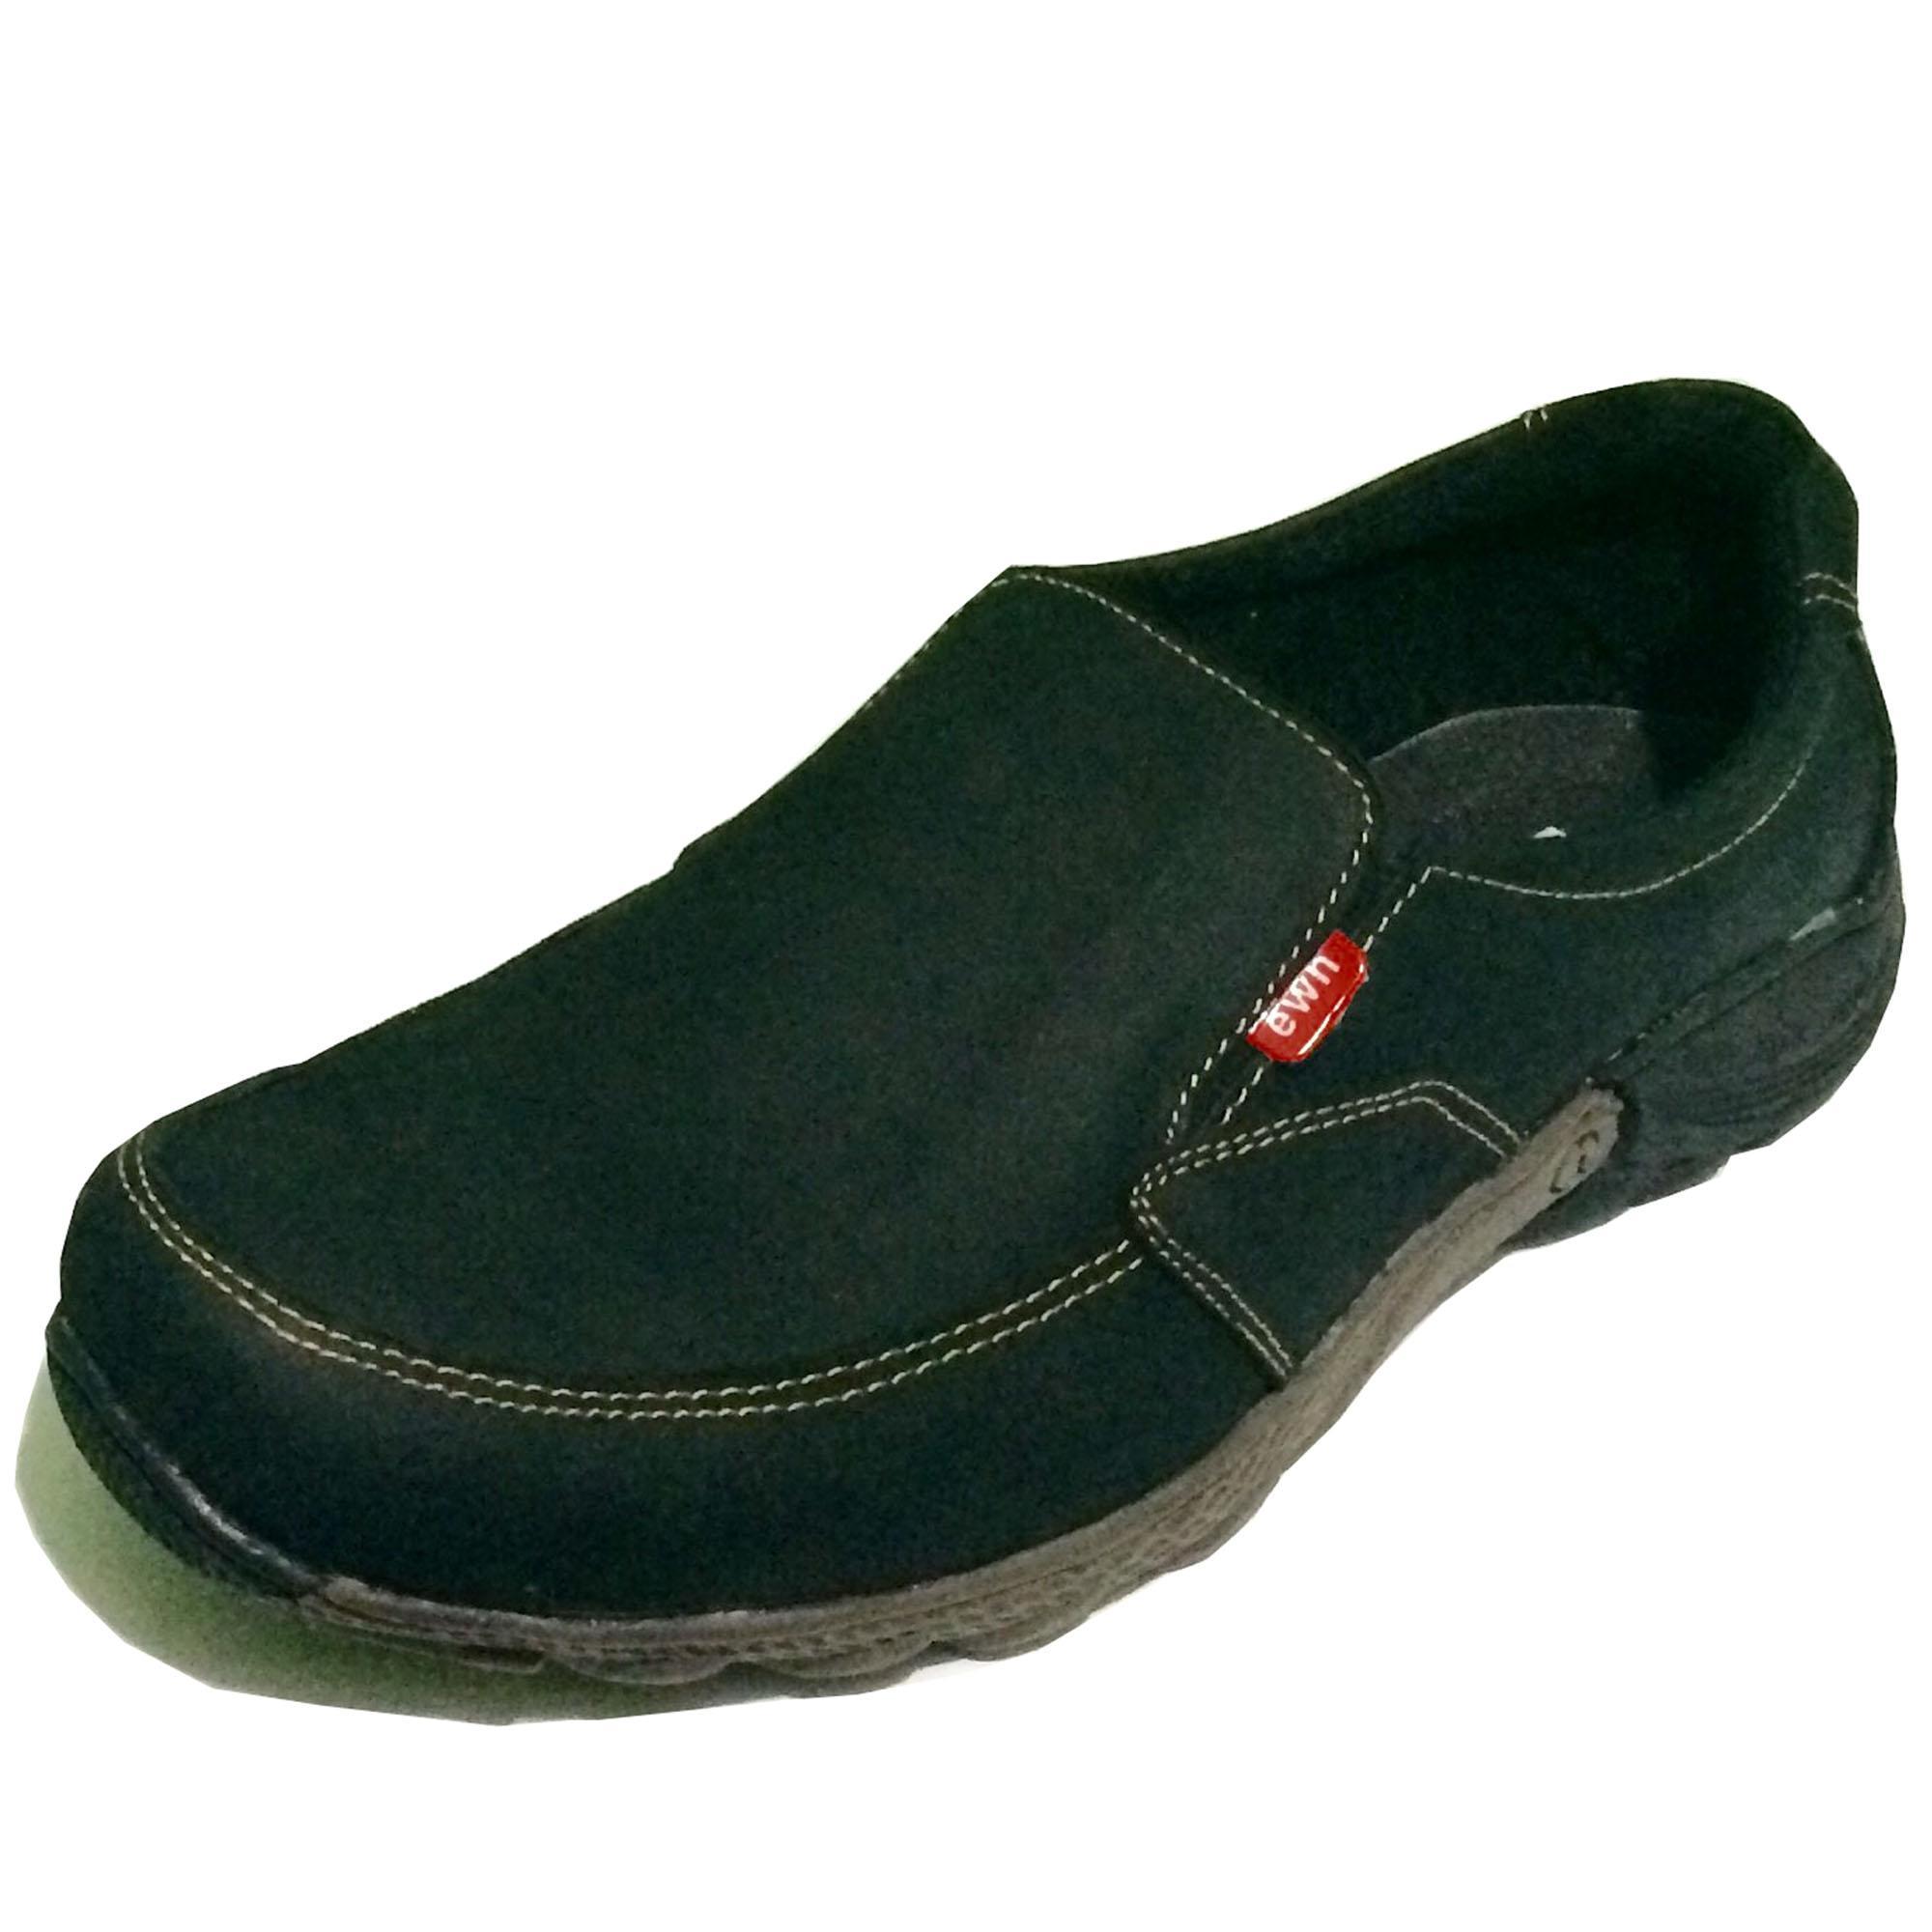 Rp139.000Shoes X EWN Sepatu Slip On Casual Pria   Sepatu Kulit Asli   Sepatu  Formal 7e030c1cef